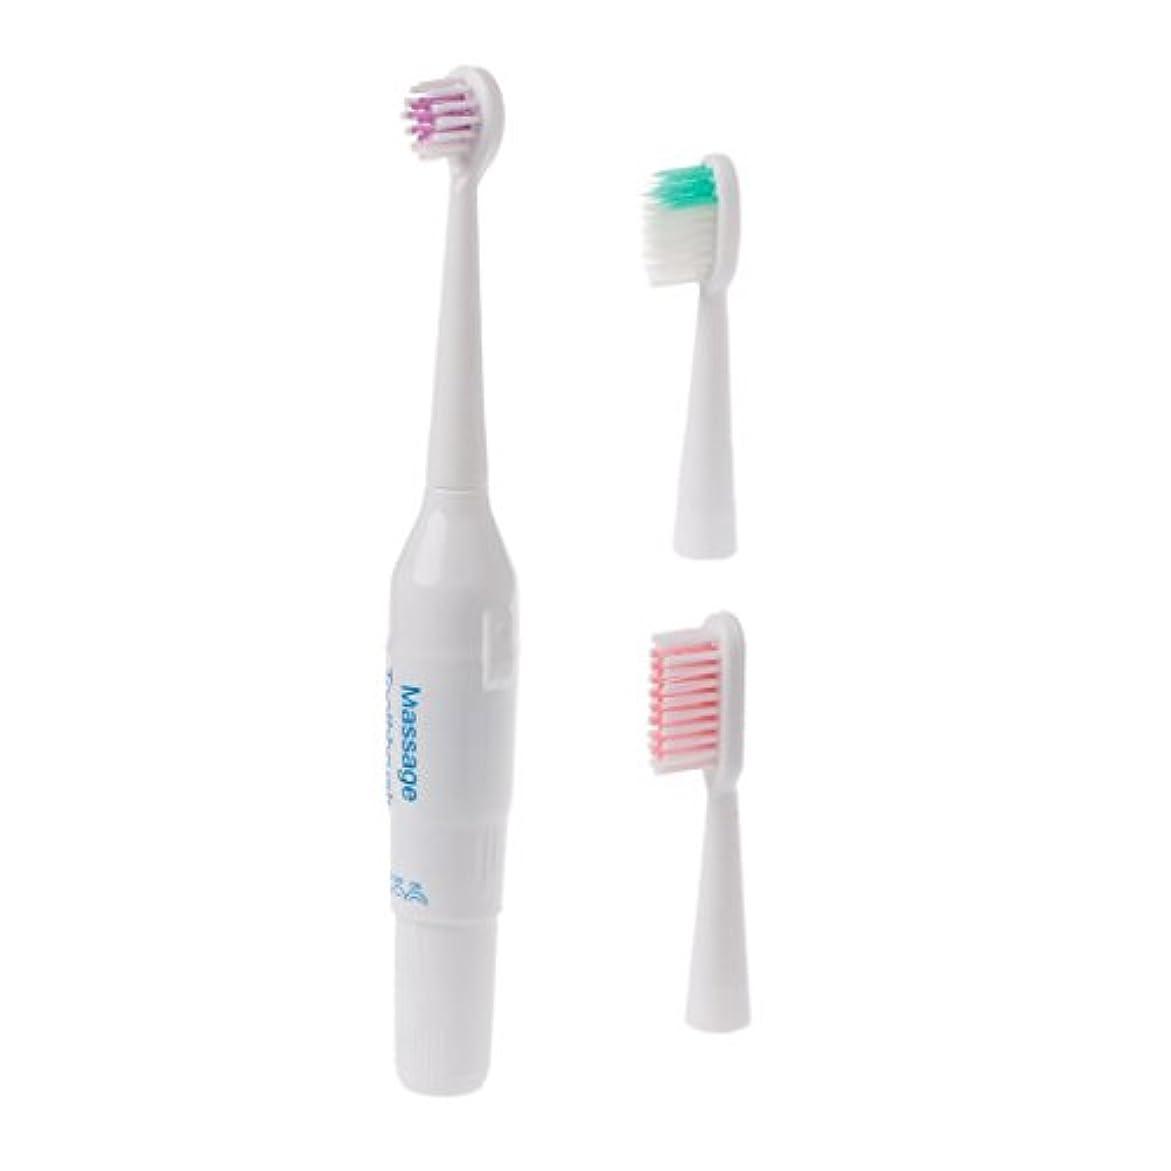 ネコ補正ラボManyao キッズプロフェッショナル口腔ケアクリーン電気歯ブラシパワーベビー用歯ブラシ